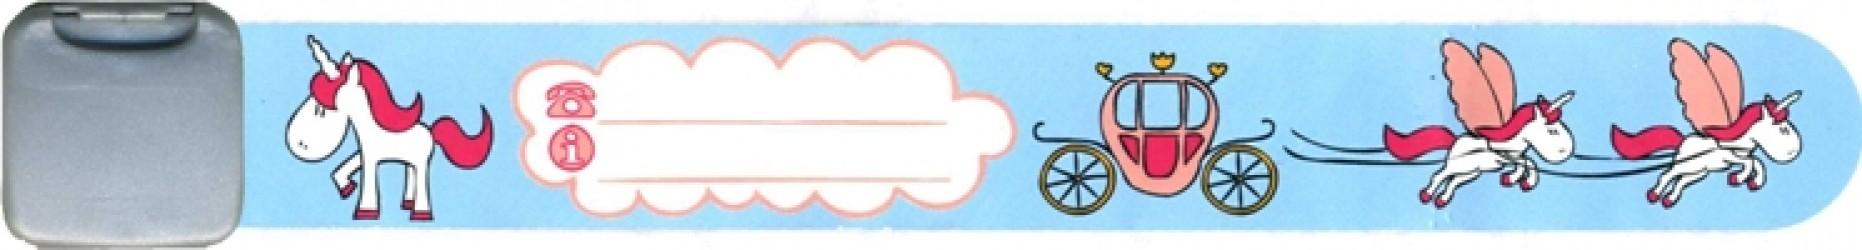 Navnearmbånd fra Infoband - Enhjørninge